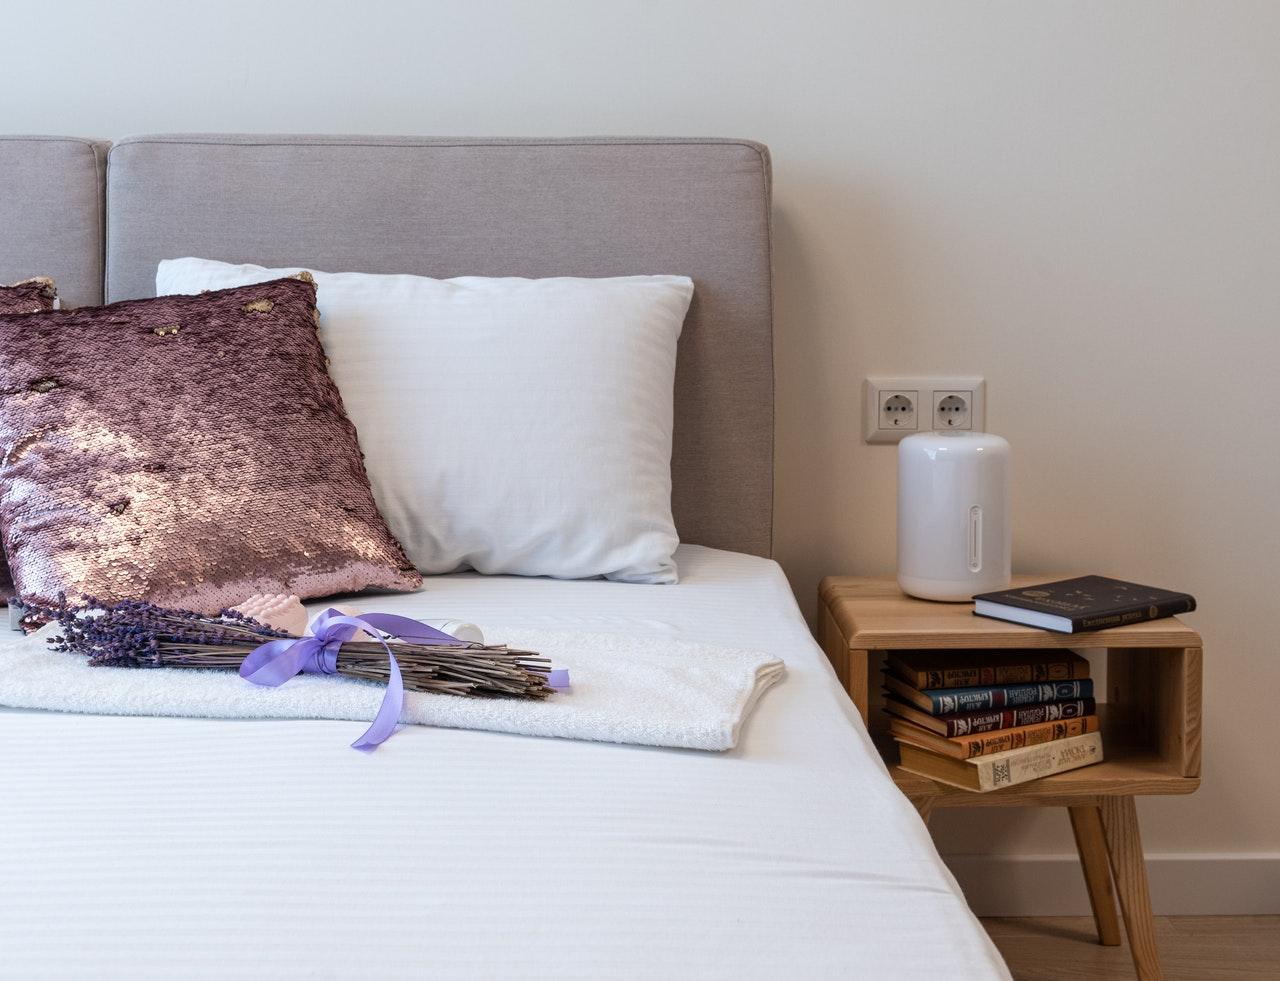 Ewaporacyjne nawilżacze powietrza są tak ciche, że mogą stać przy łóżku